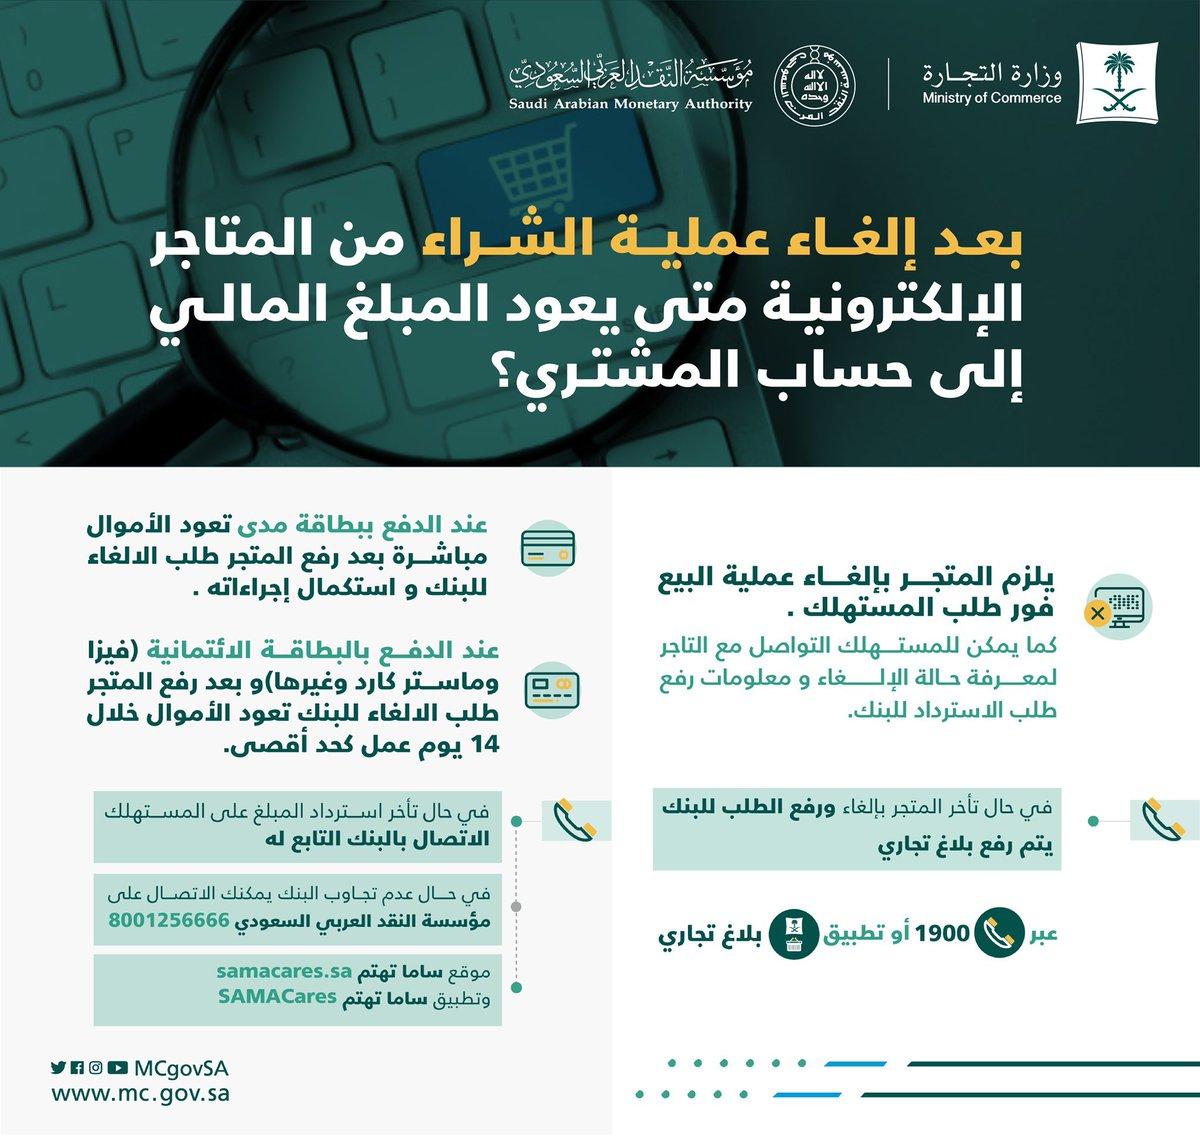 عبدالله الغفيص On Twitter متى يرجع المبلغ في حسابك اذا ألغيت طلب من المتاجر الإلكترونية إذا كان الدفع ببطاقة مدى يعود المبلغ مباشرة إذا كان الدفع ببطاقة فيزا ماستركارد